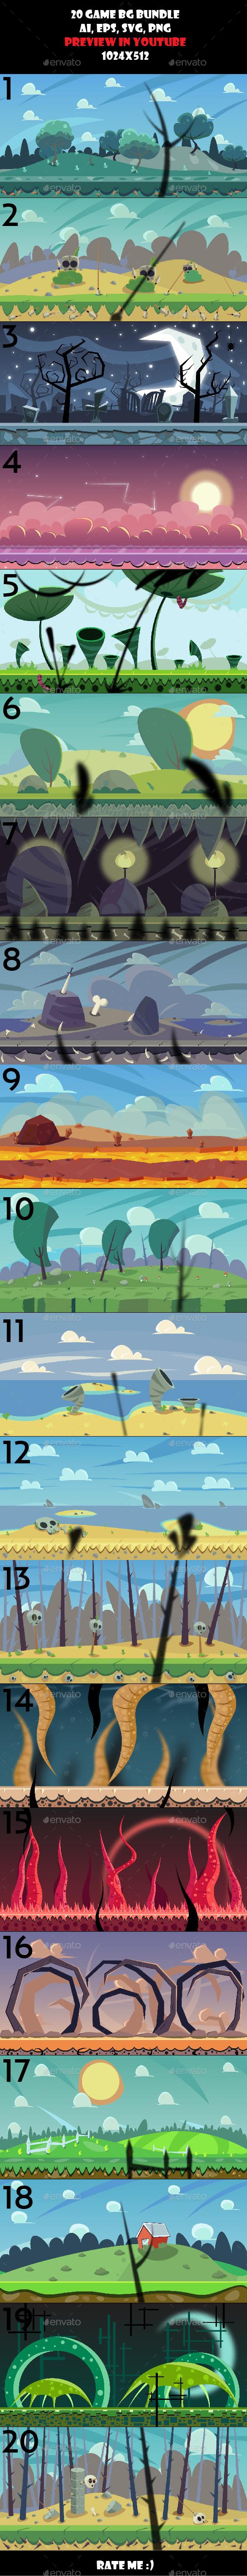 20 BG bundle - Backgrounds Game Assets